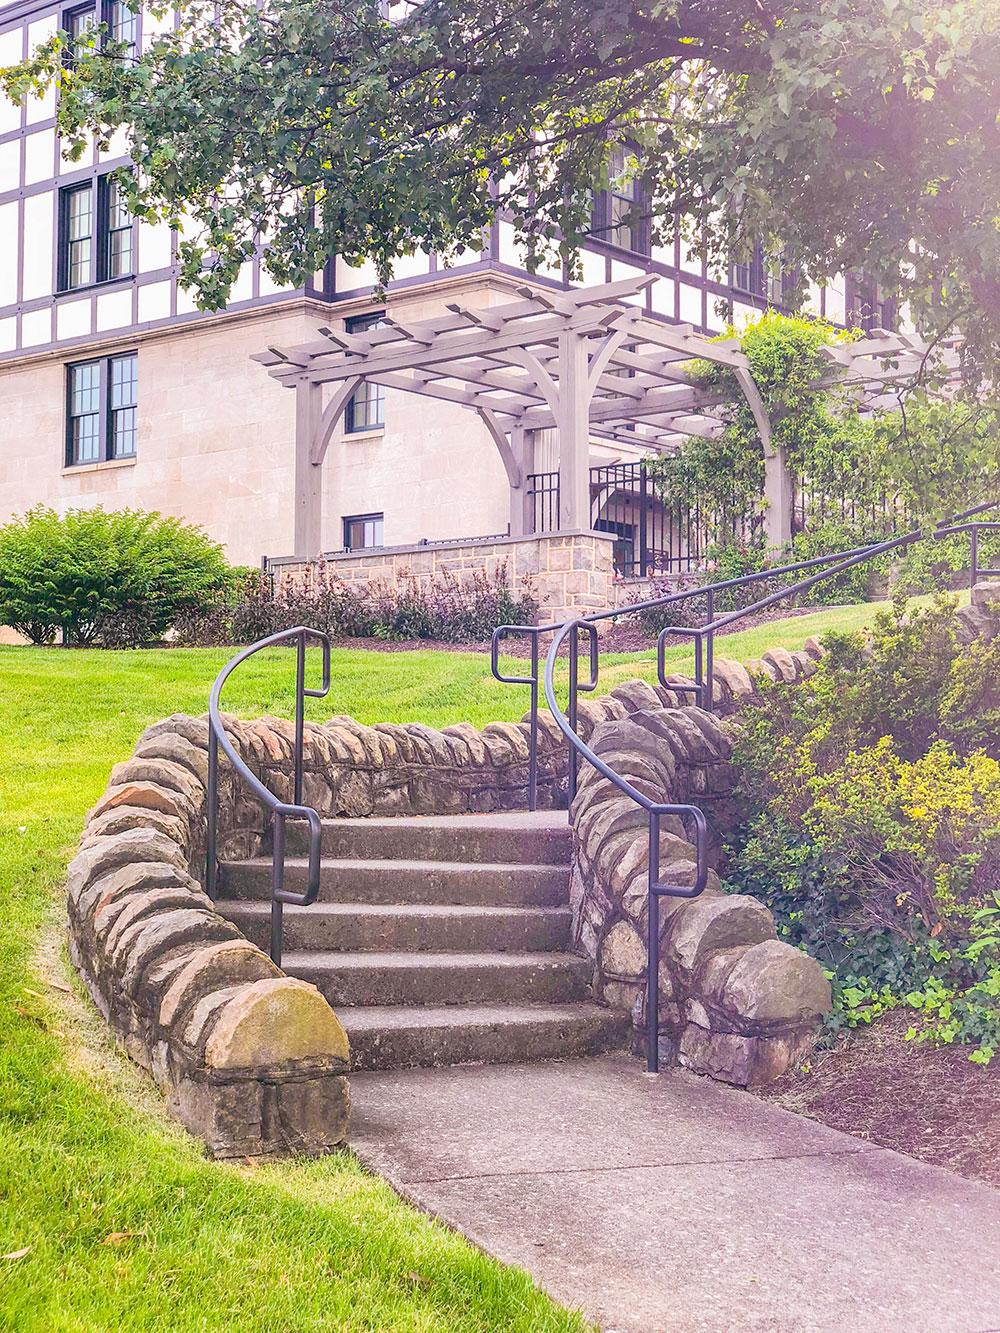 hotel roanoke cobblestone stairs